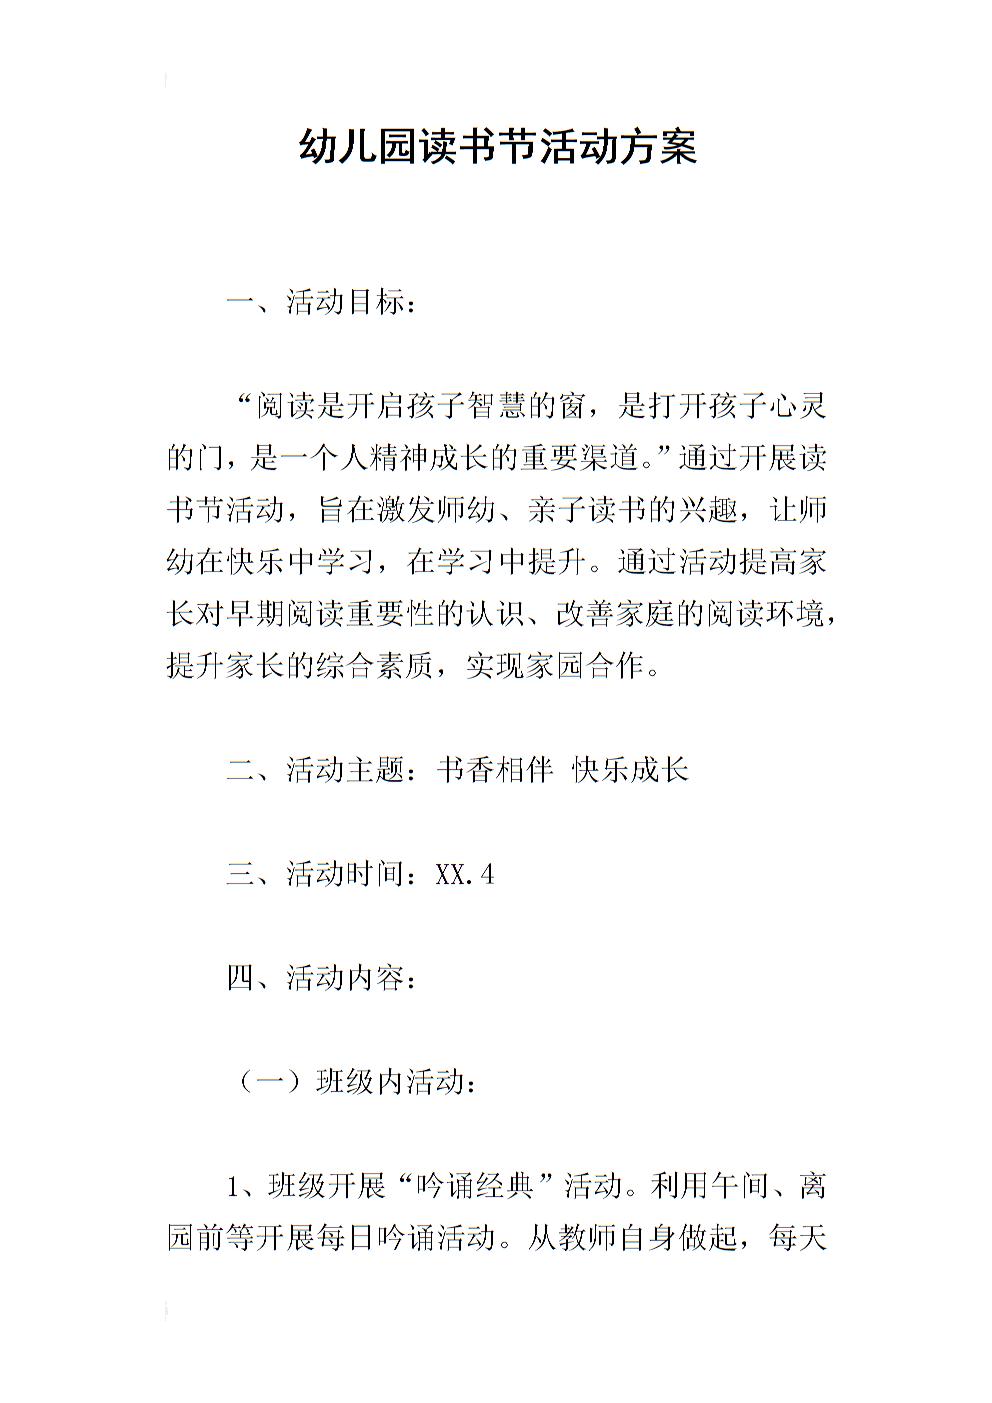 幼儿园读书节活动方案.docx